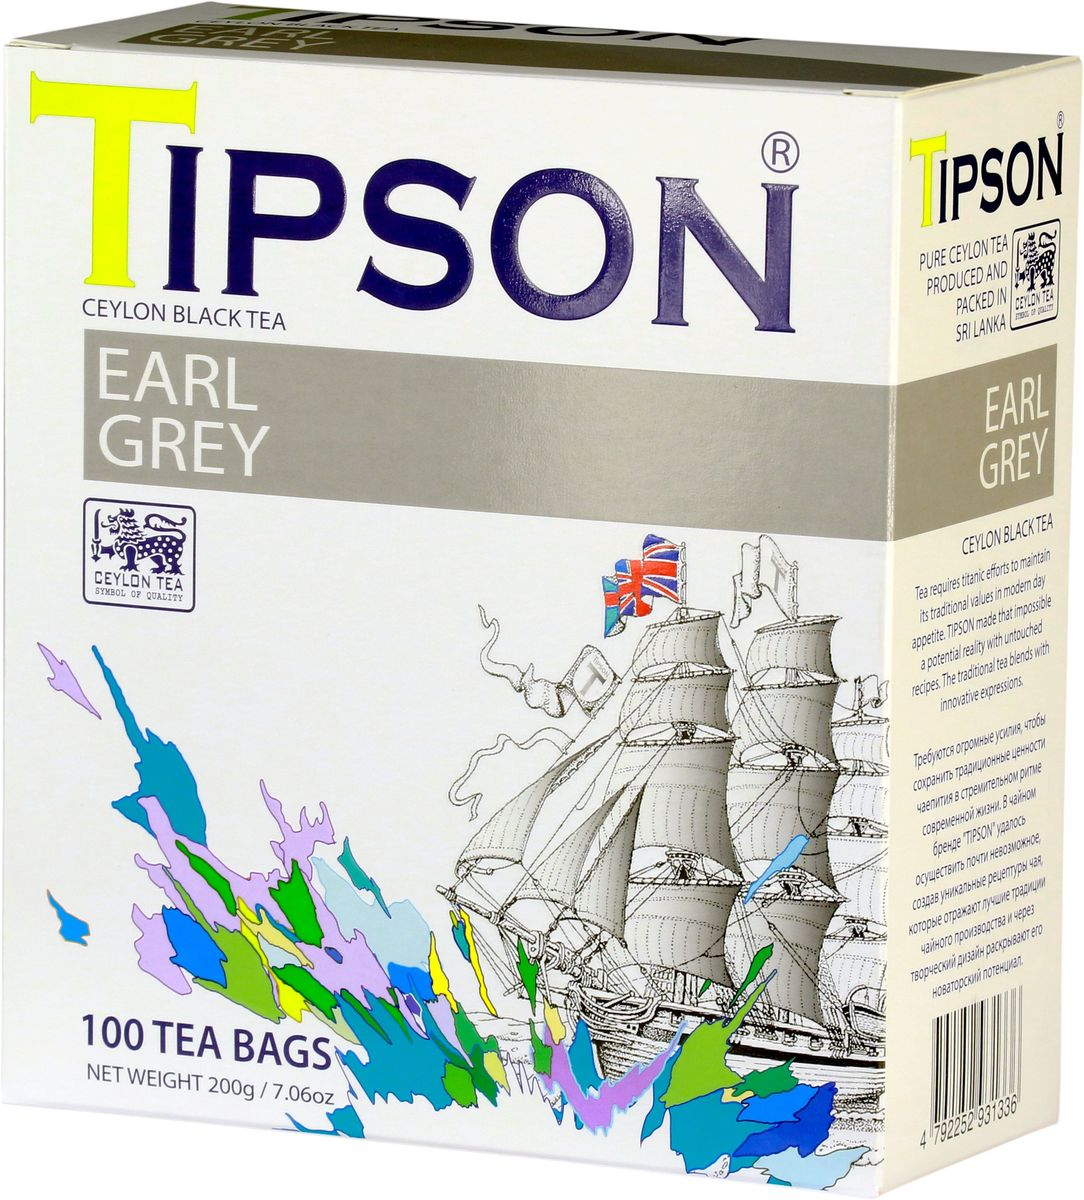 Tipson Earl Grey черный чай с бергамотом в пакетиках, 100 шт чай черный с бергамотом альманах 25 пакетиков по 2г